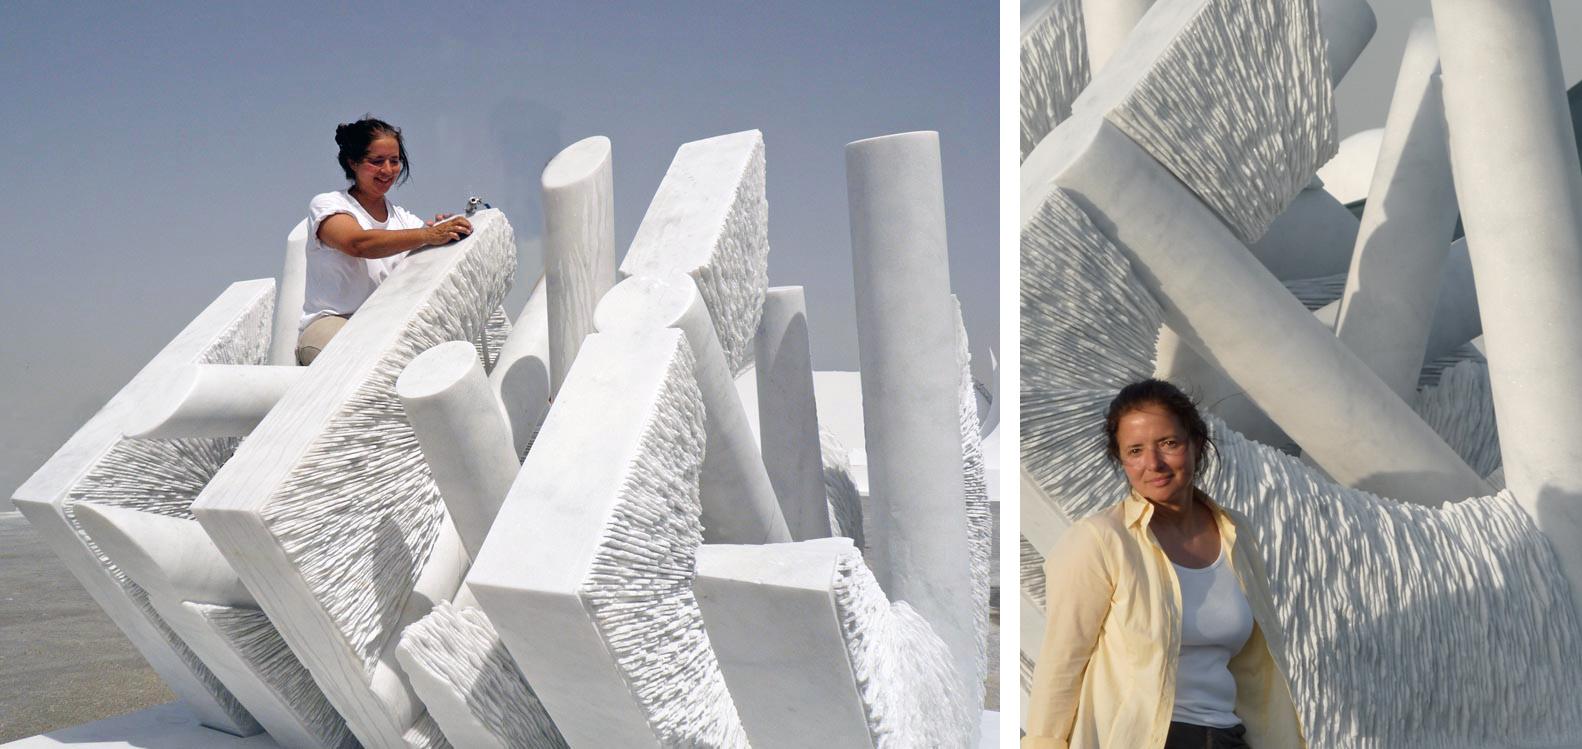 Sculptor Caroline Ramersdorfer.jpg